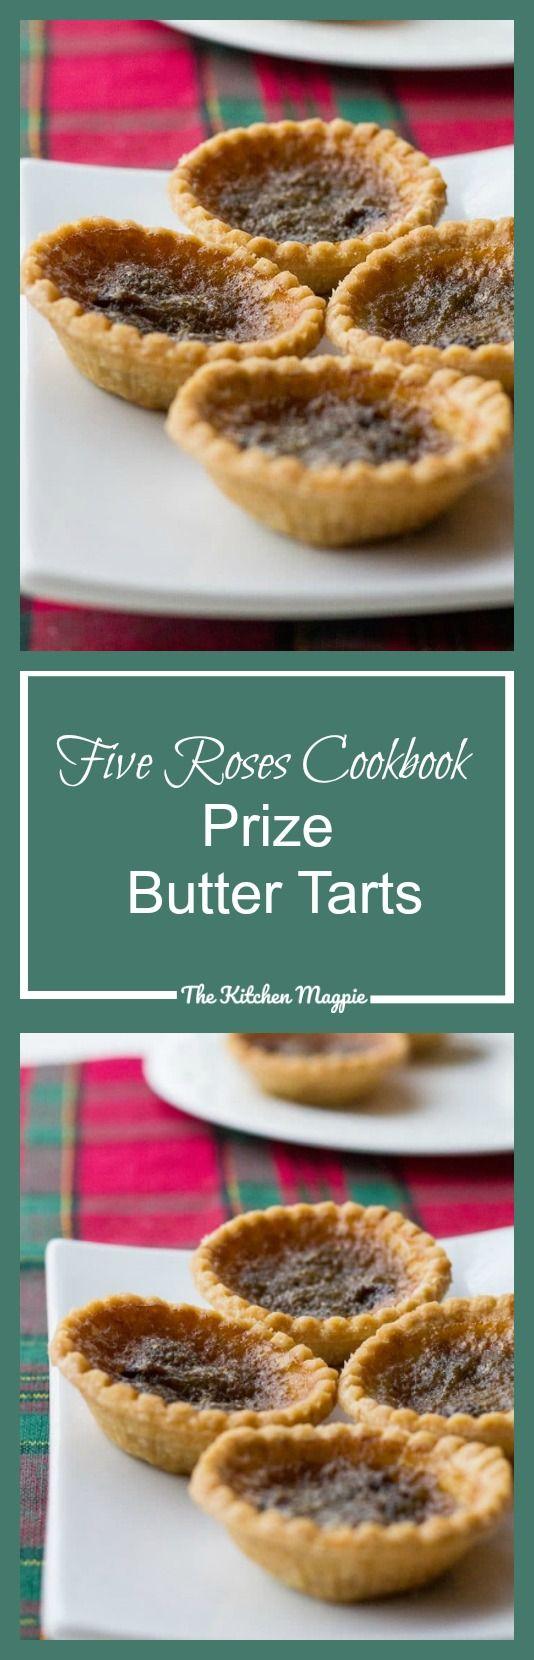 Five Roses Cookbook Prize Butter Tarts